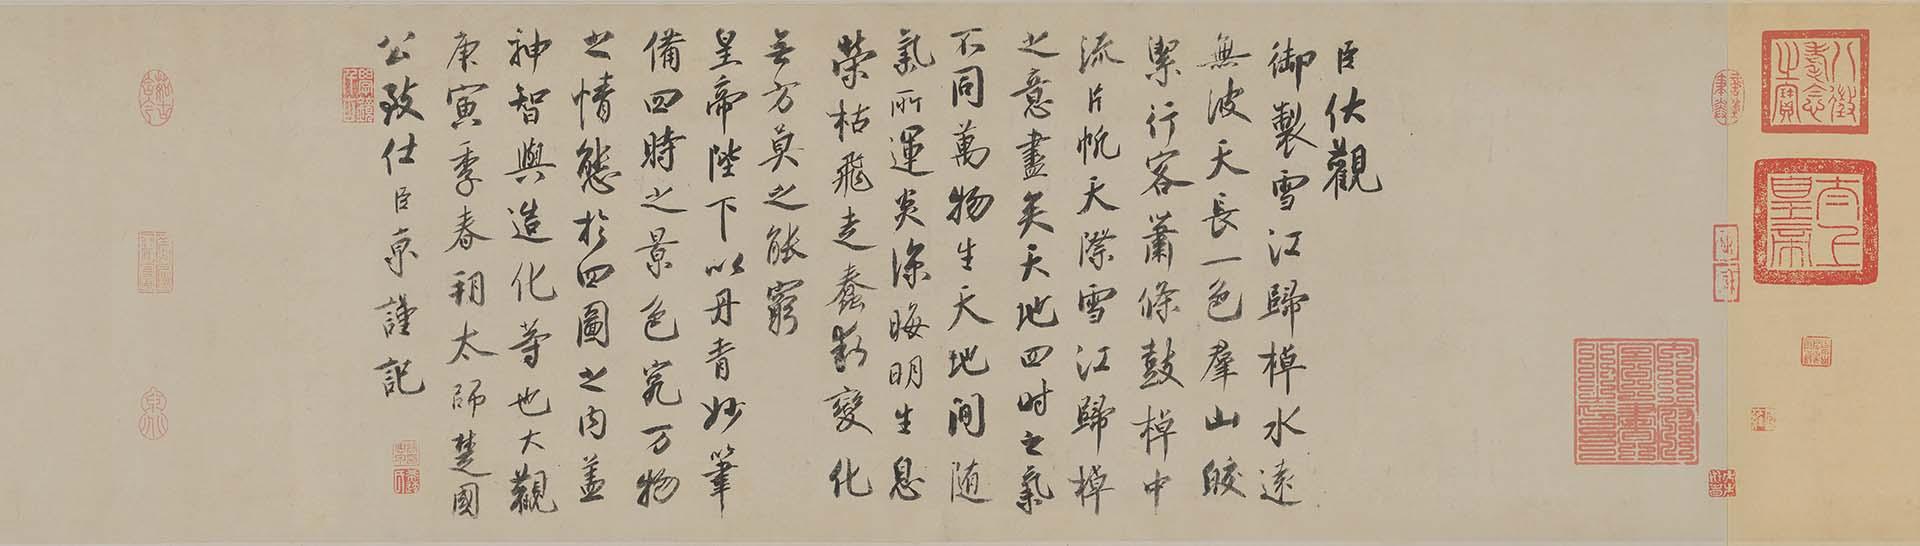 宋 蔡京 雪江归棹图卷跋 行书 绢本30.3x190.8cm